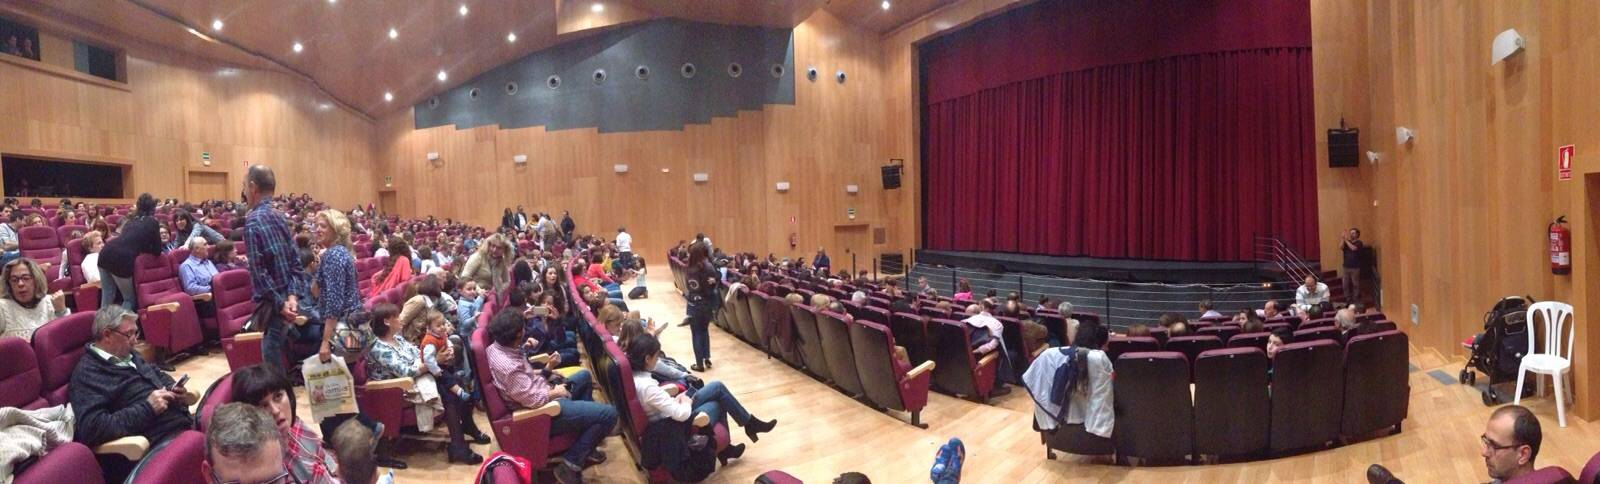 apertura del auditorio de Herencia con el musical El Libro de la Selva 0 - El auditorio de Herencia abre sus puertas por primera vez